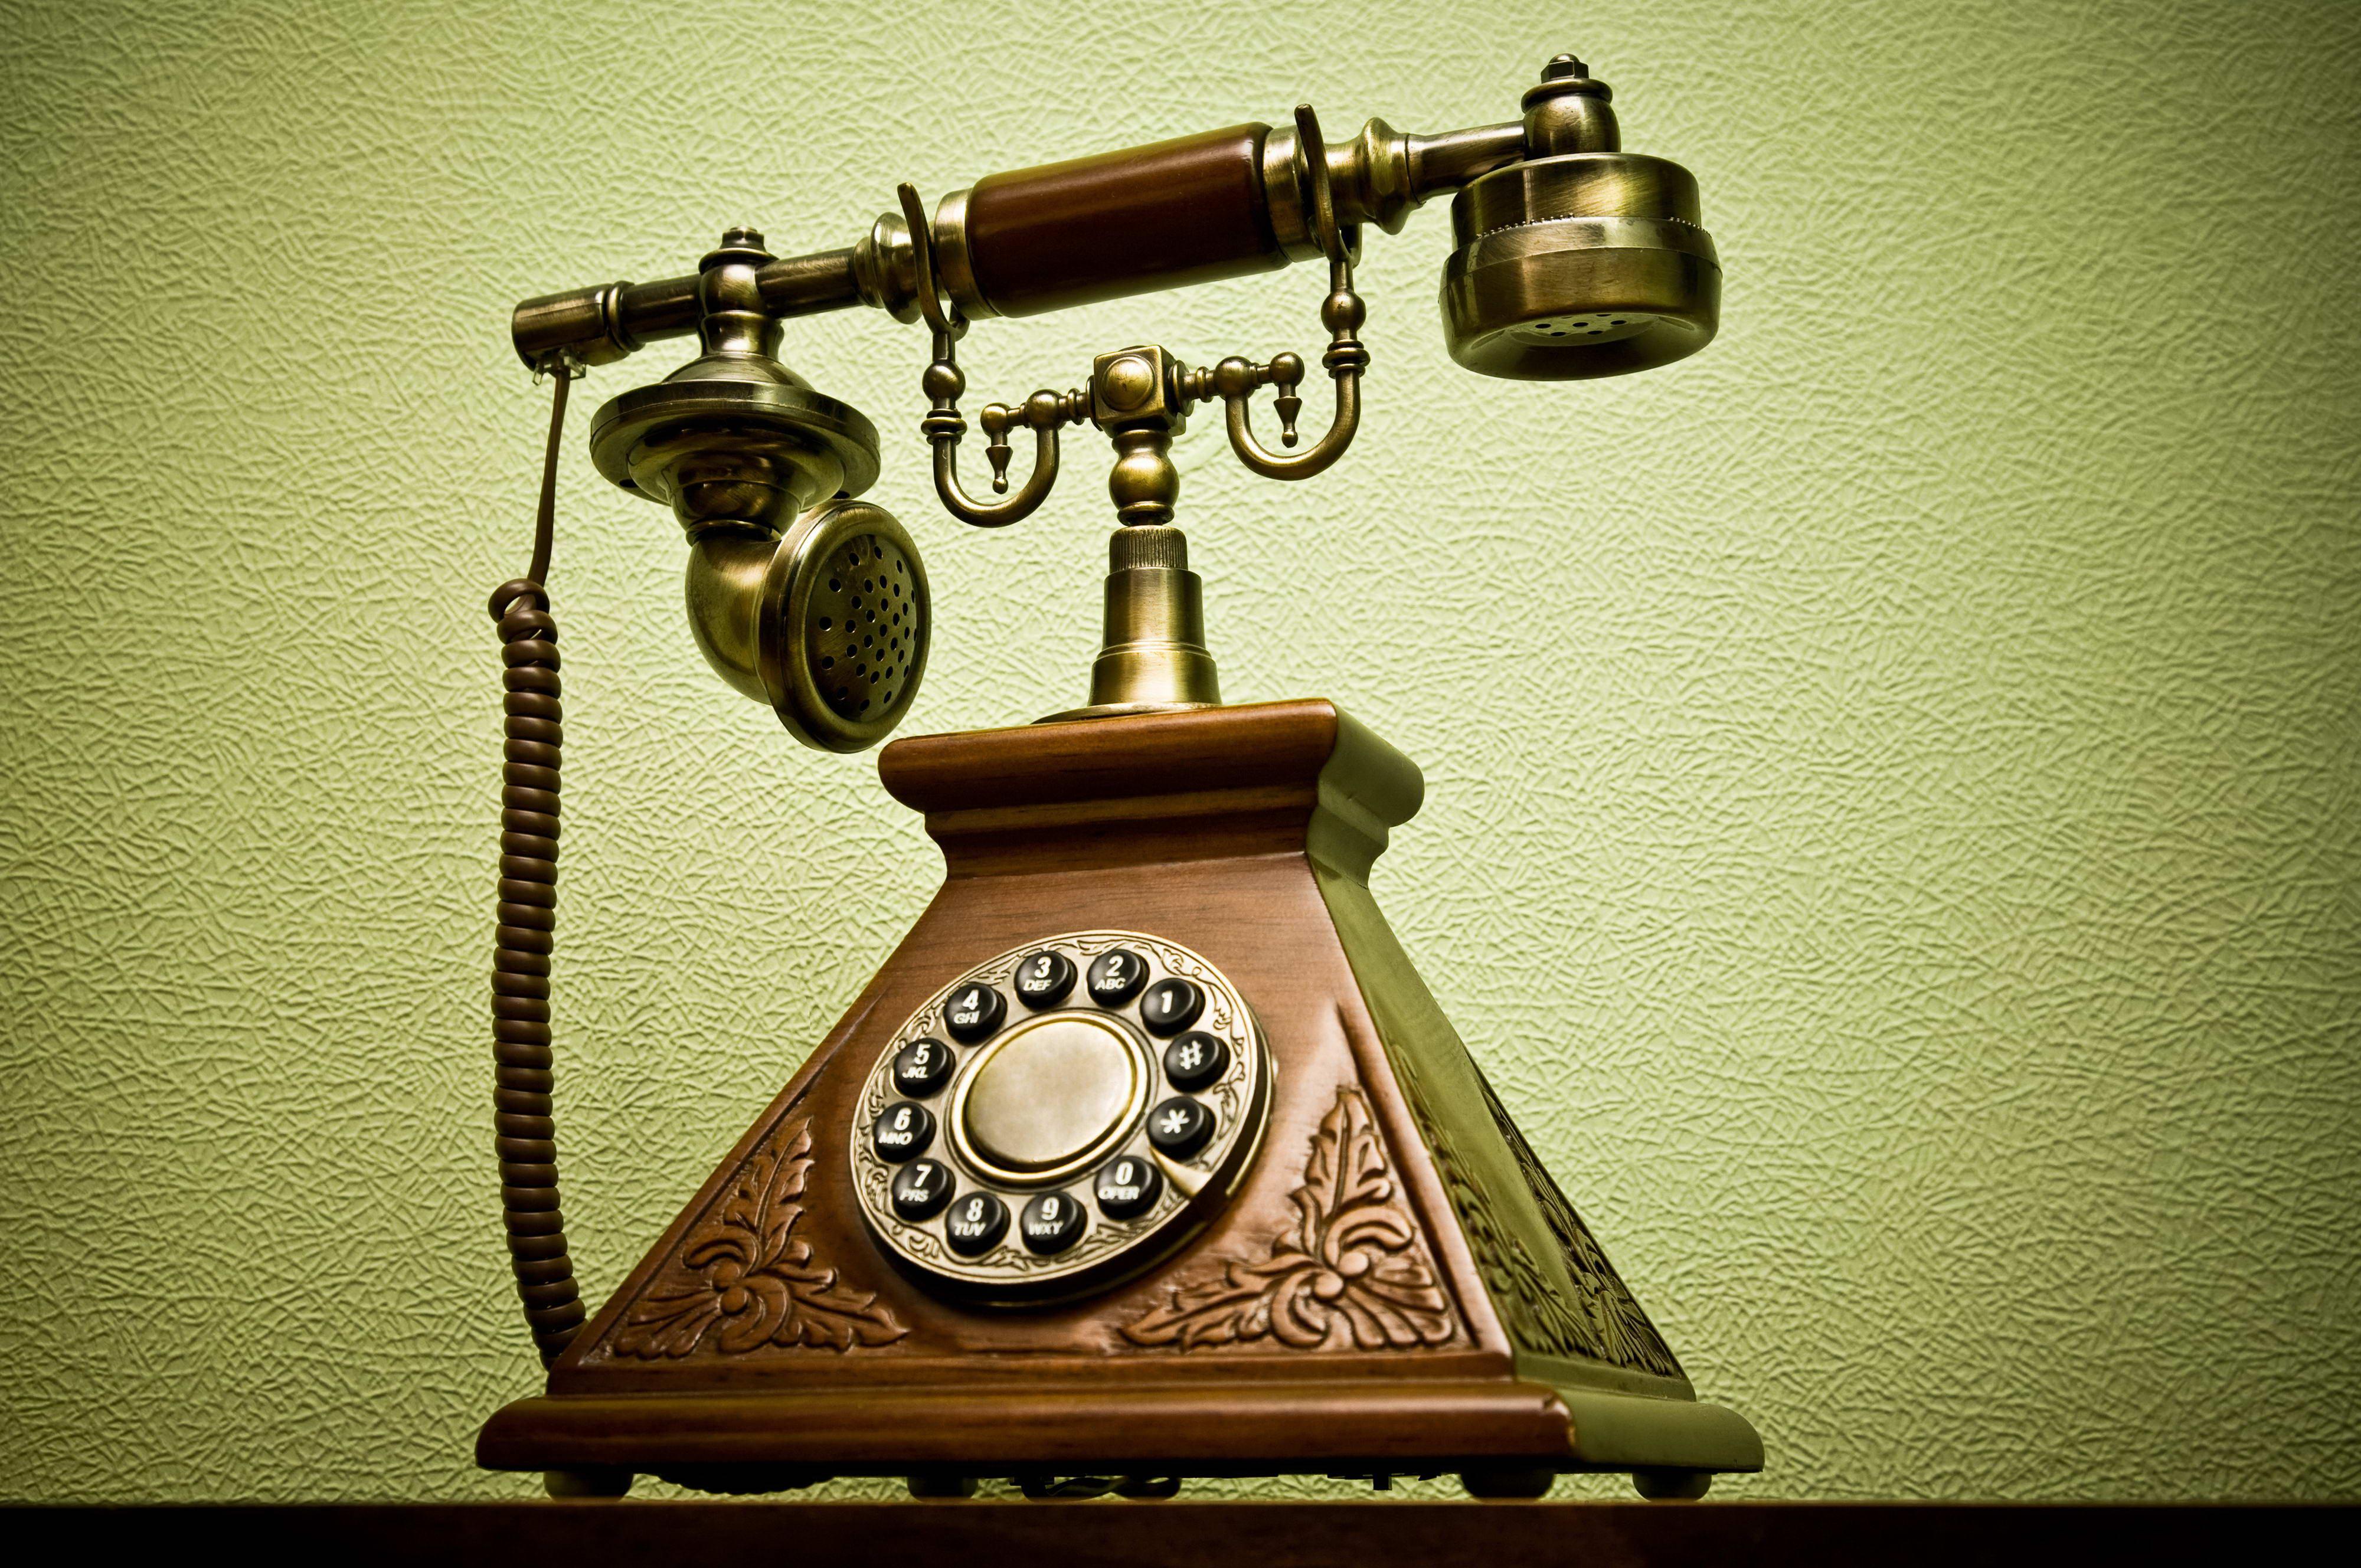 старый телефон, фото, скачать бесплатно, обои для рабочего стола